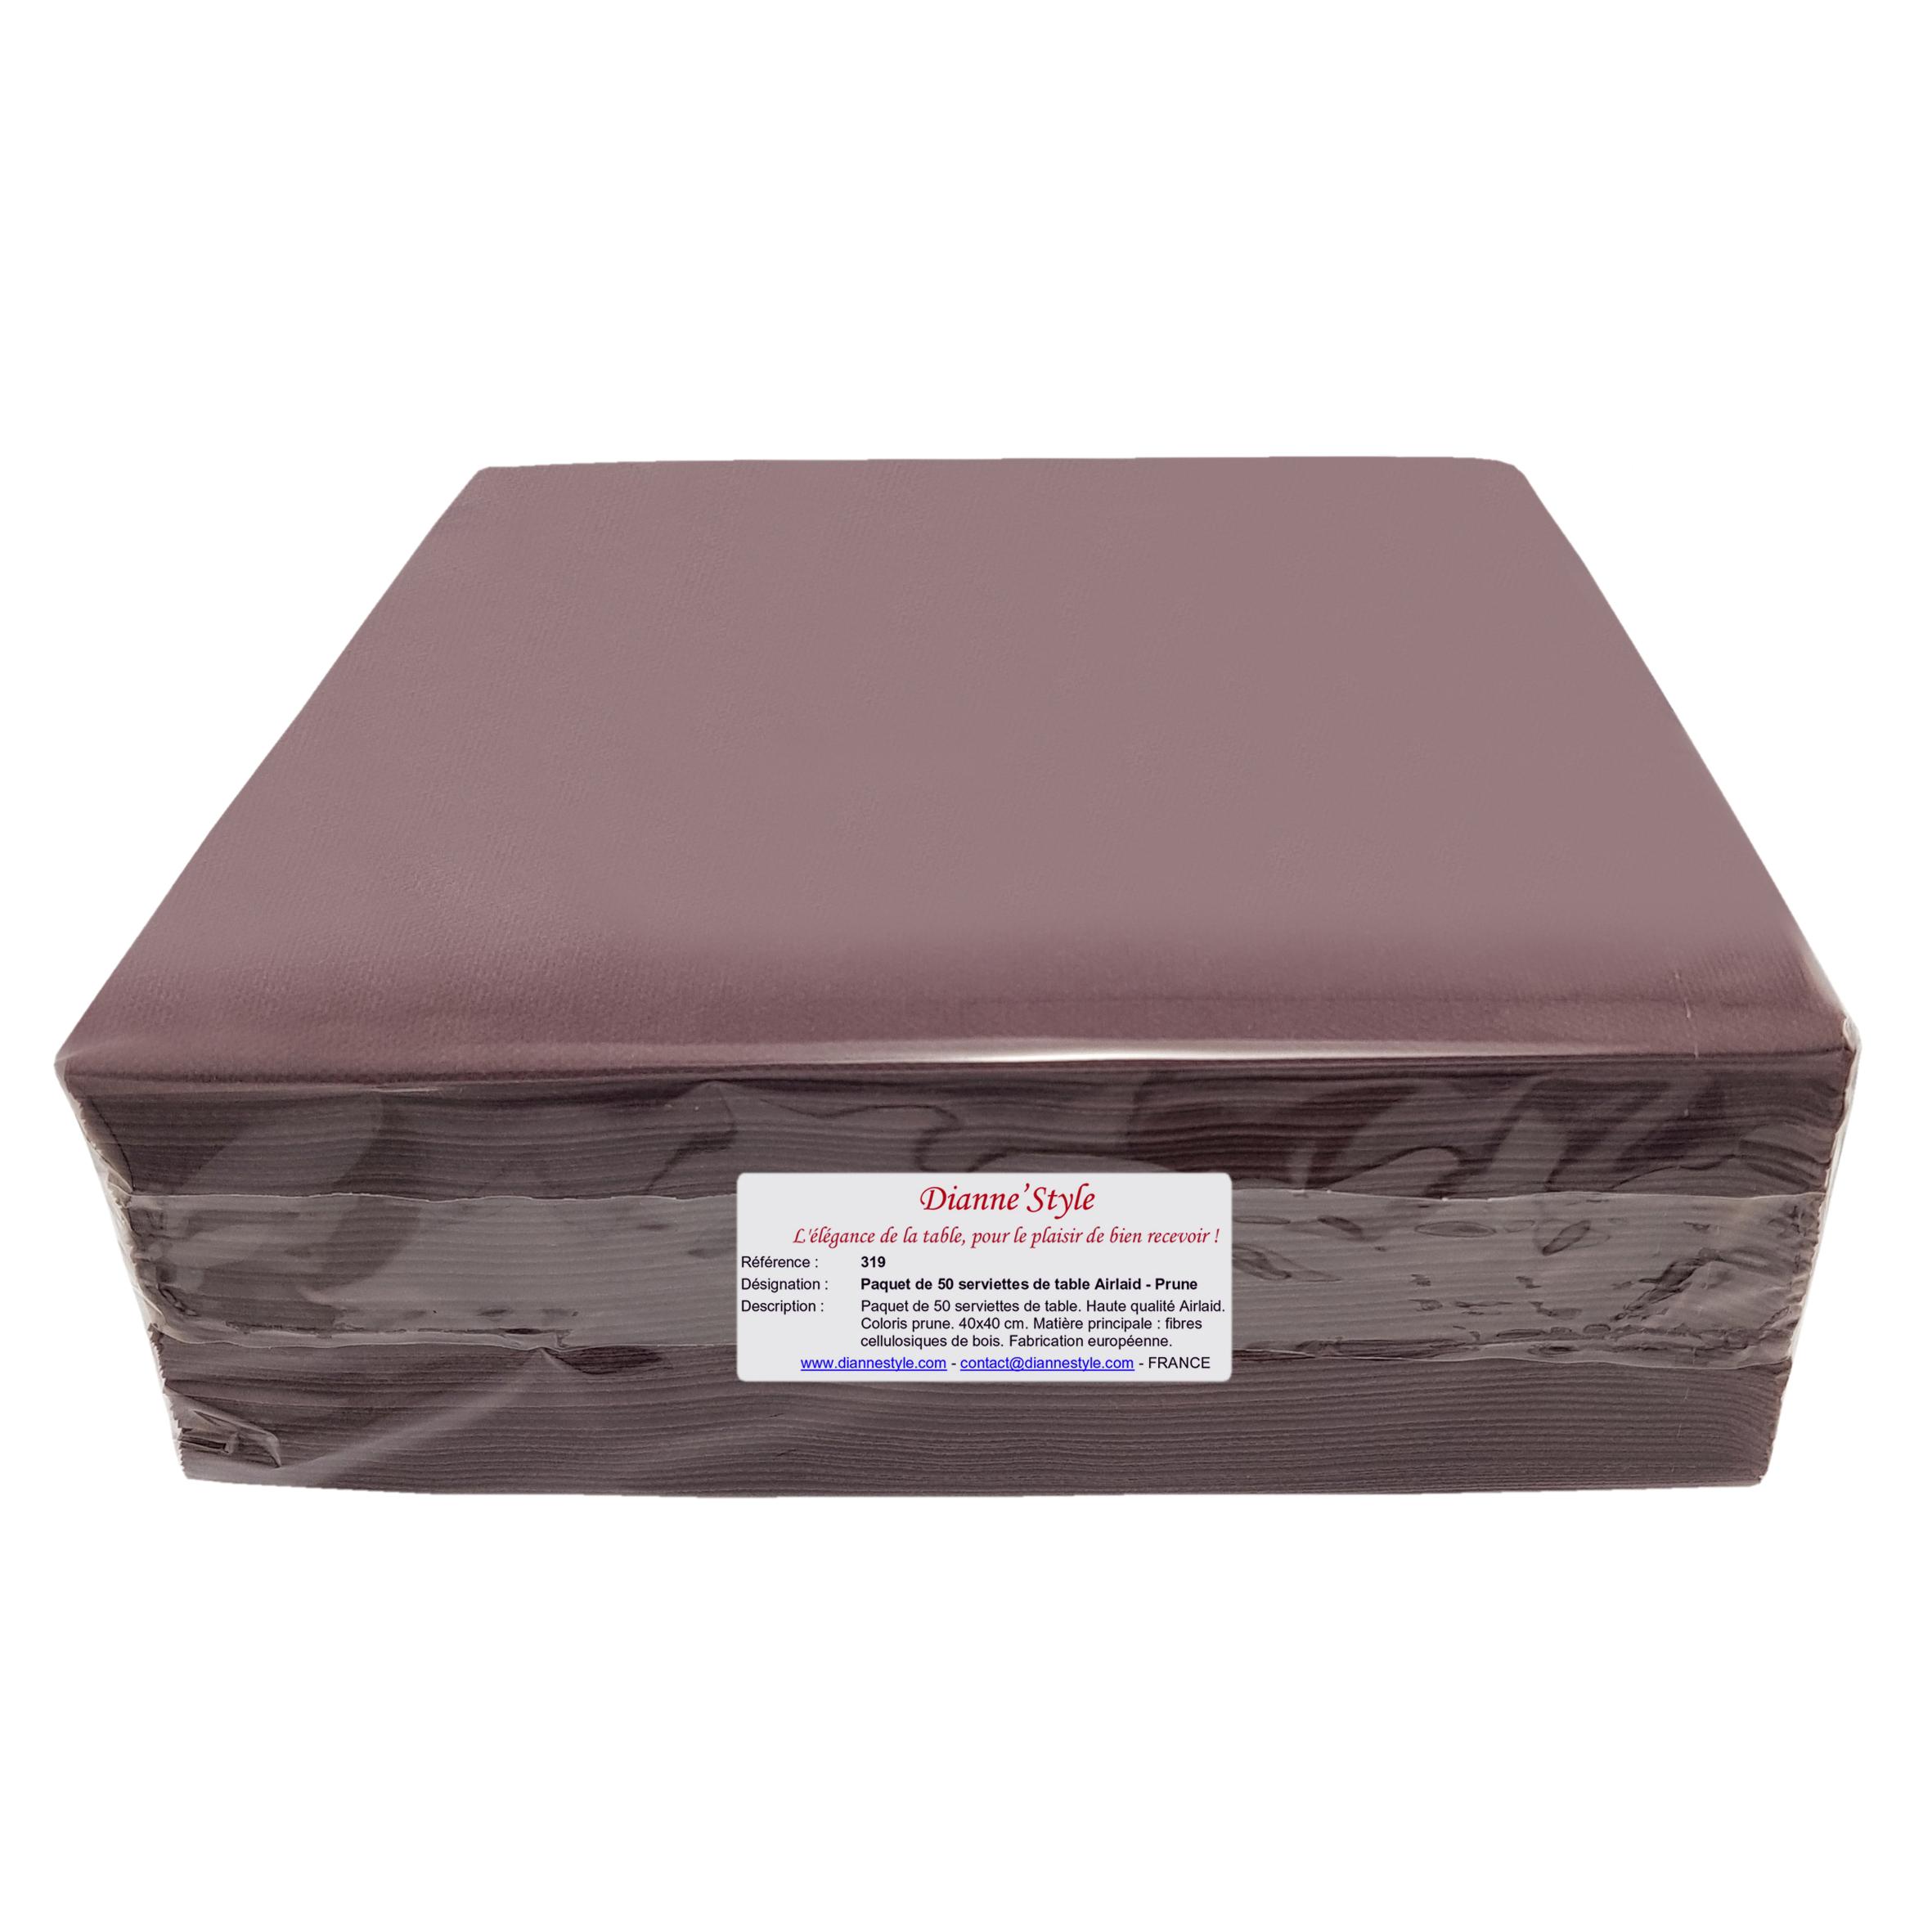 Paquet de 50 serviettes de table Airlaid - Prune. Réf. 319